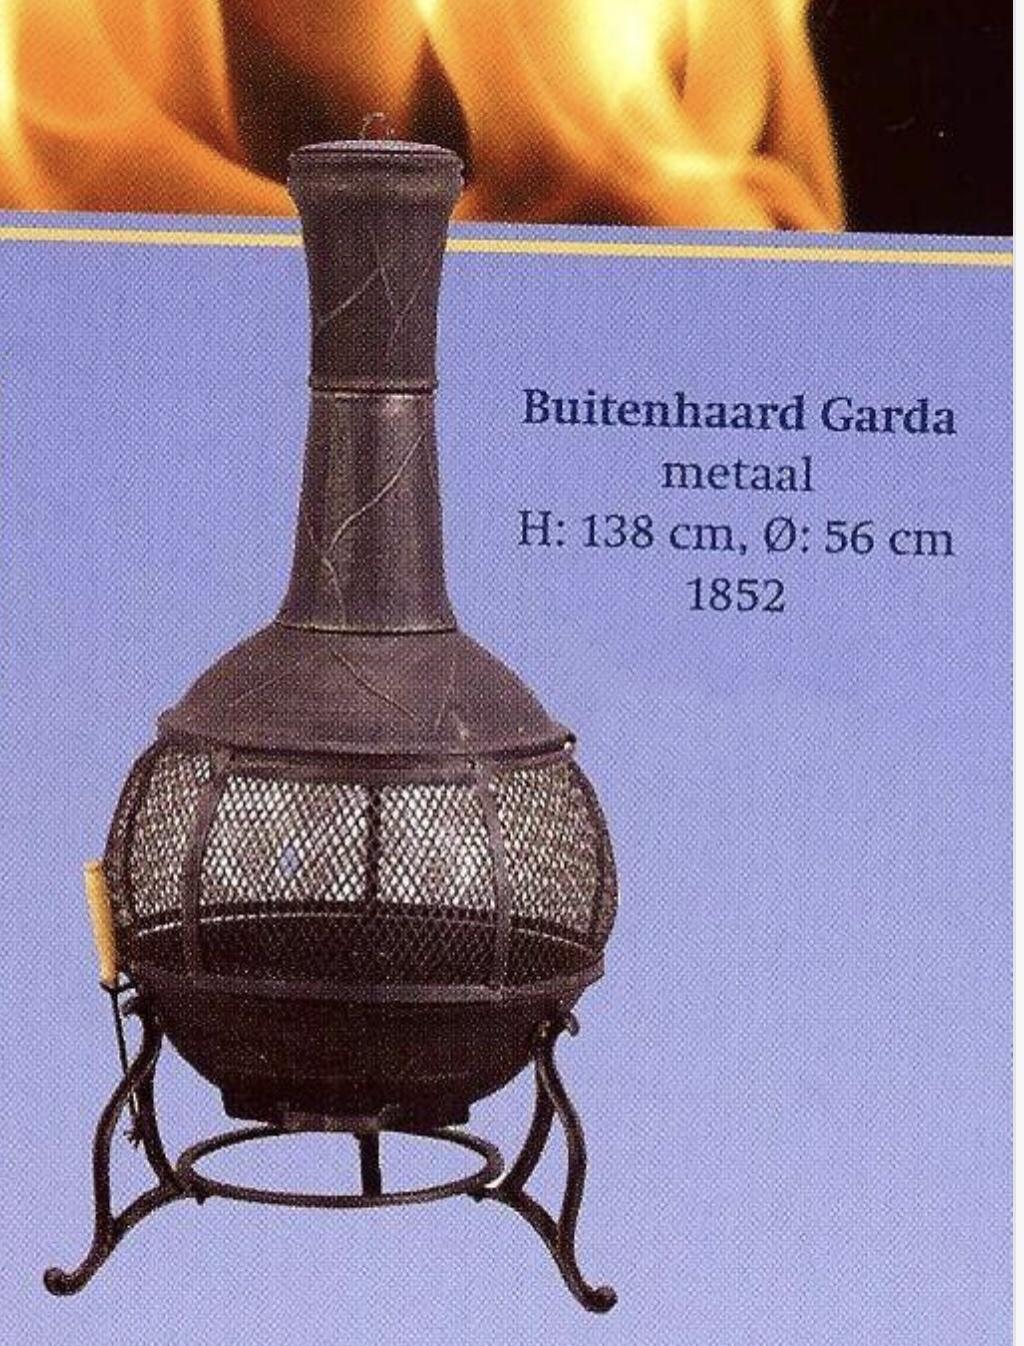 Demmerik 73 Buitenhaard Garda-1852